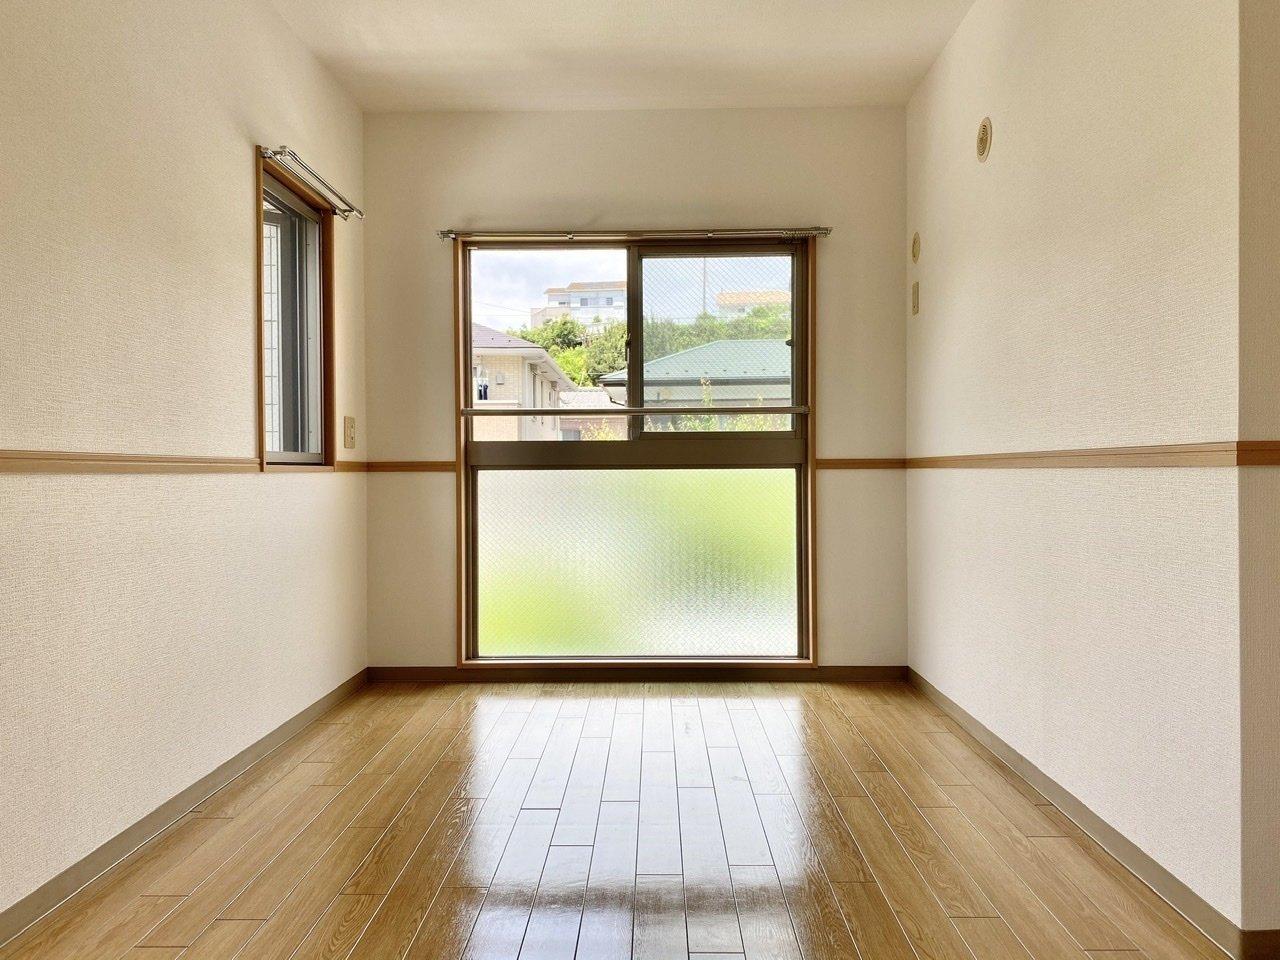 もう一方の洋室も窓が大きくありましたよ。いつもワンルームで暮らしていた方は、ベッドの場所と、リビングを分けられるだけでうれしいですよね。